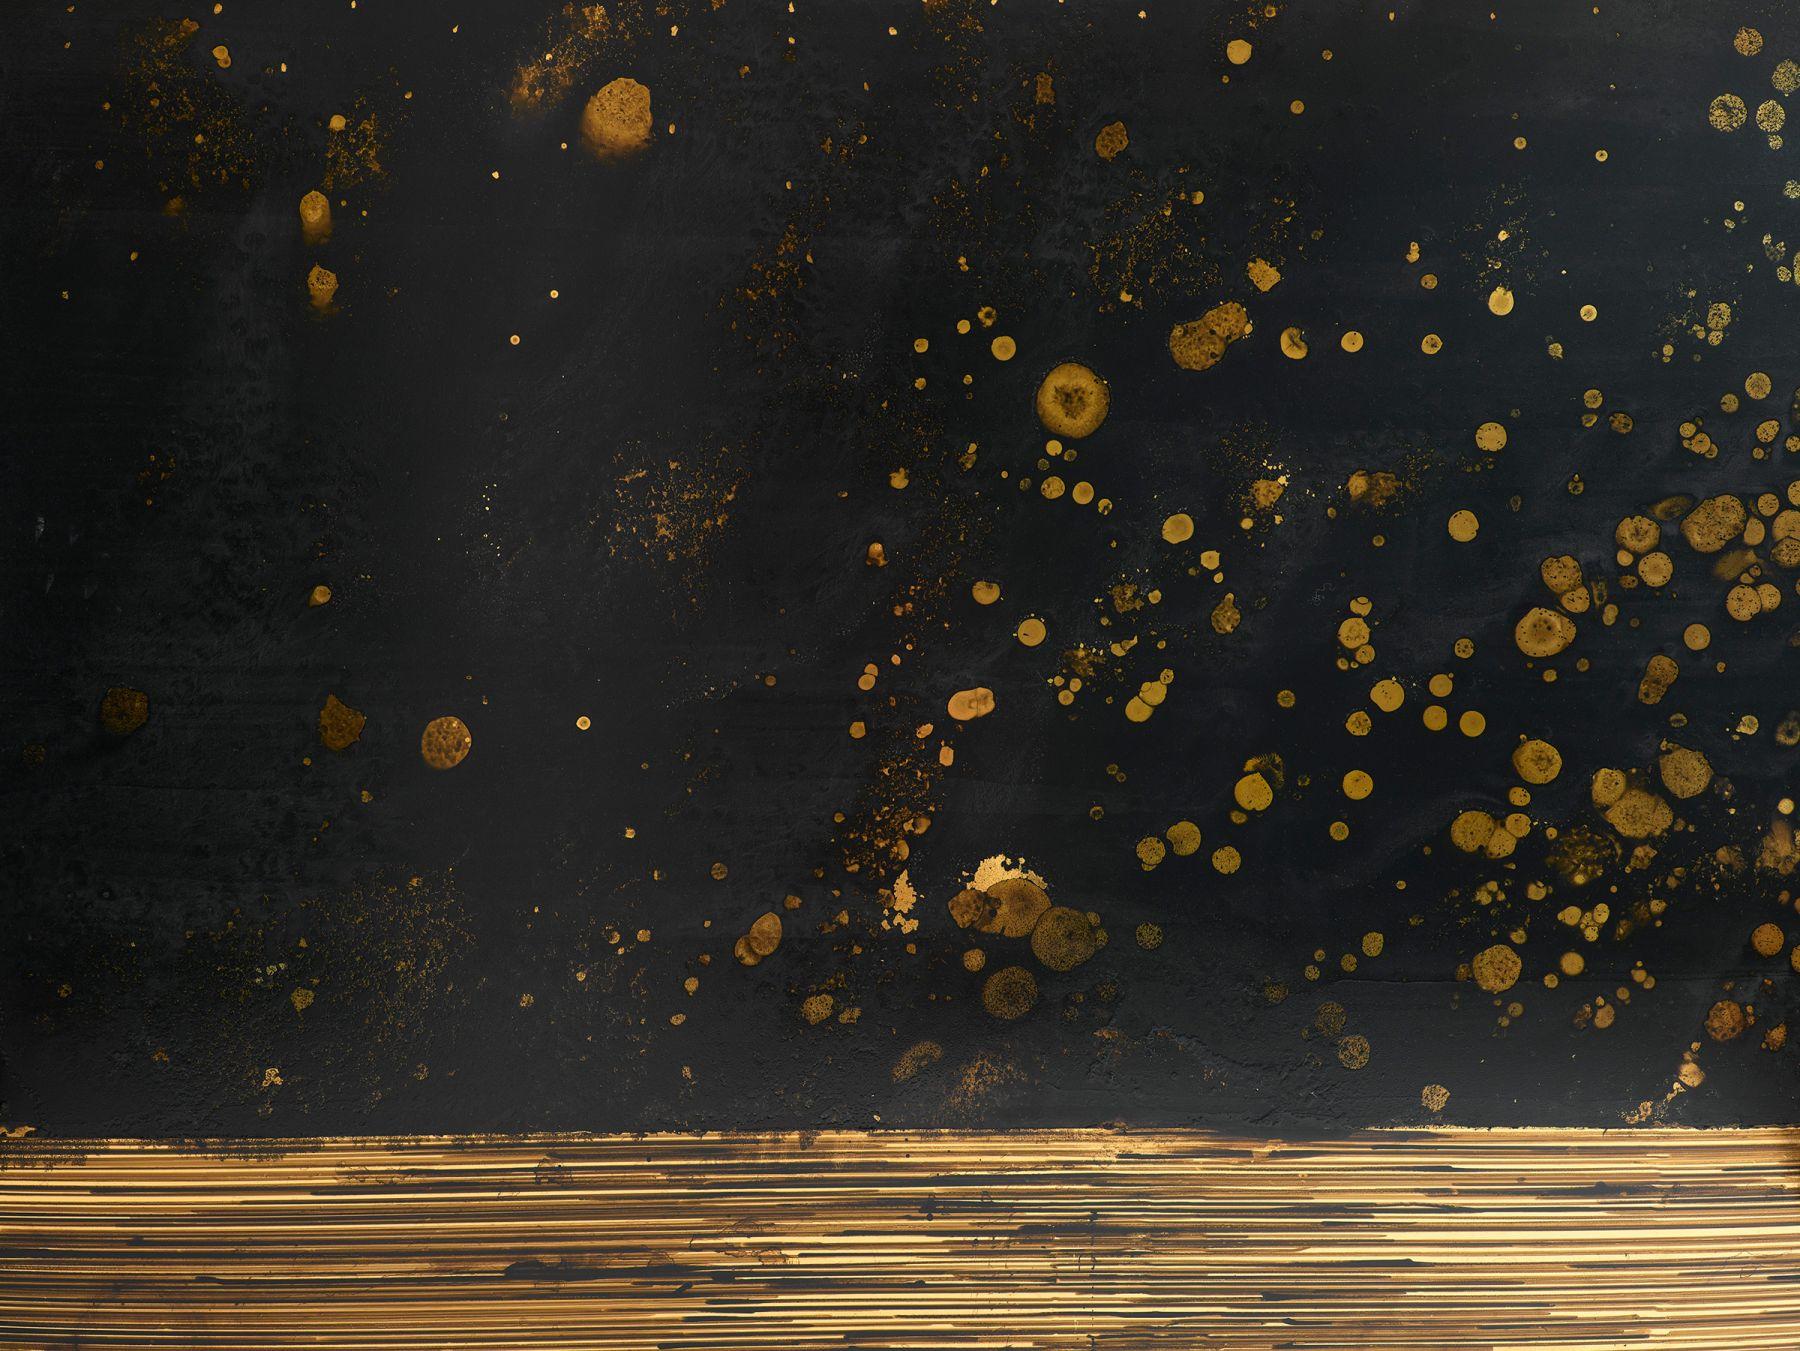 TERESITA FERNÁNDEZ, Golden (Obsidian Scene 2), 2014 (detail)